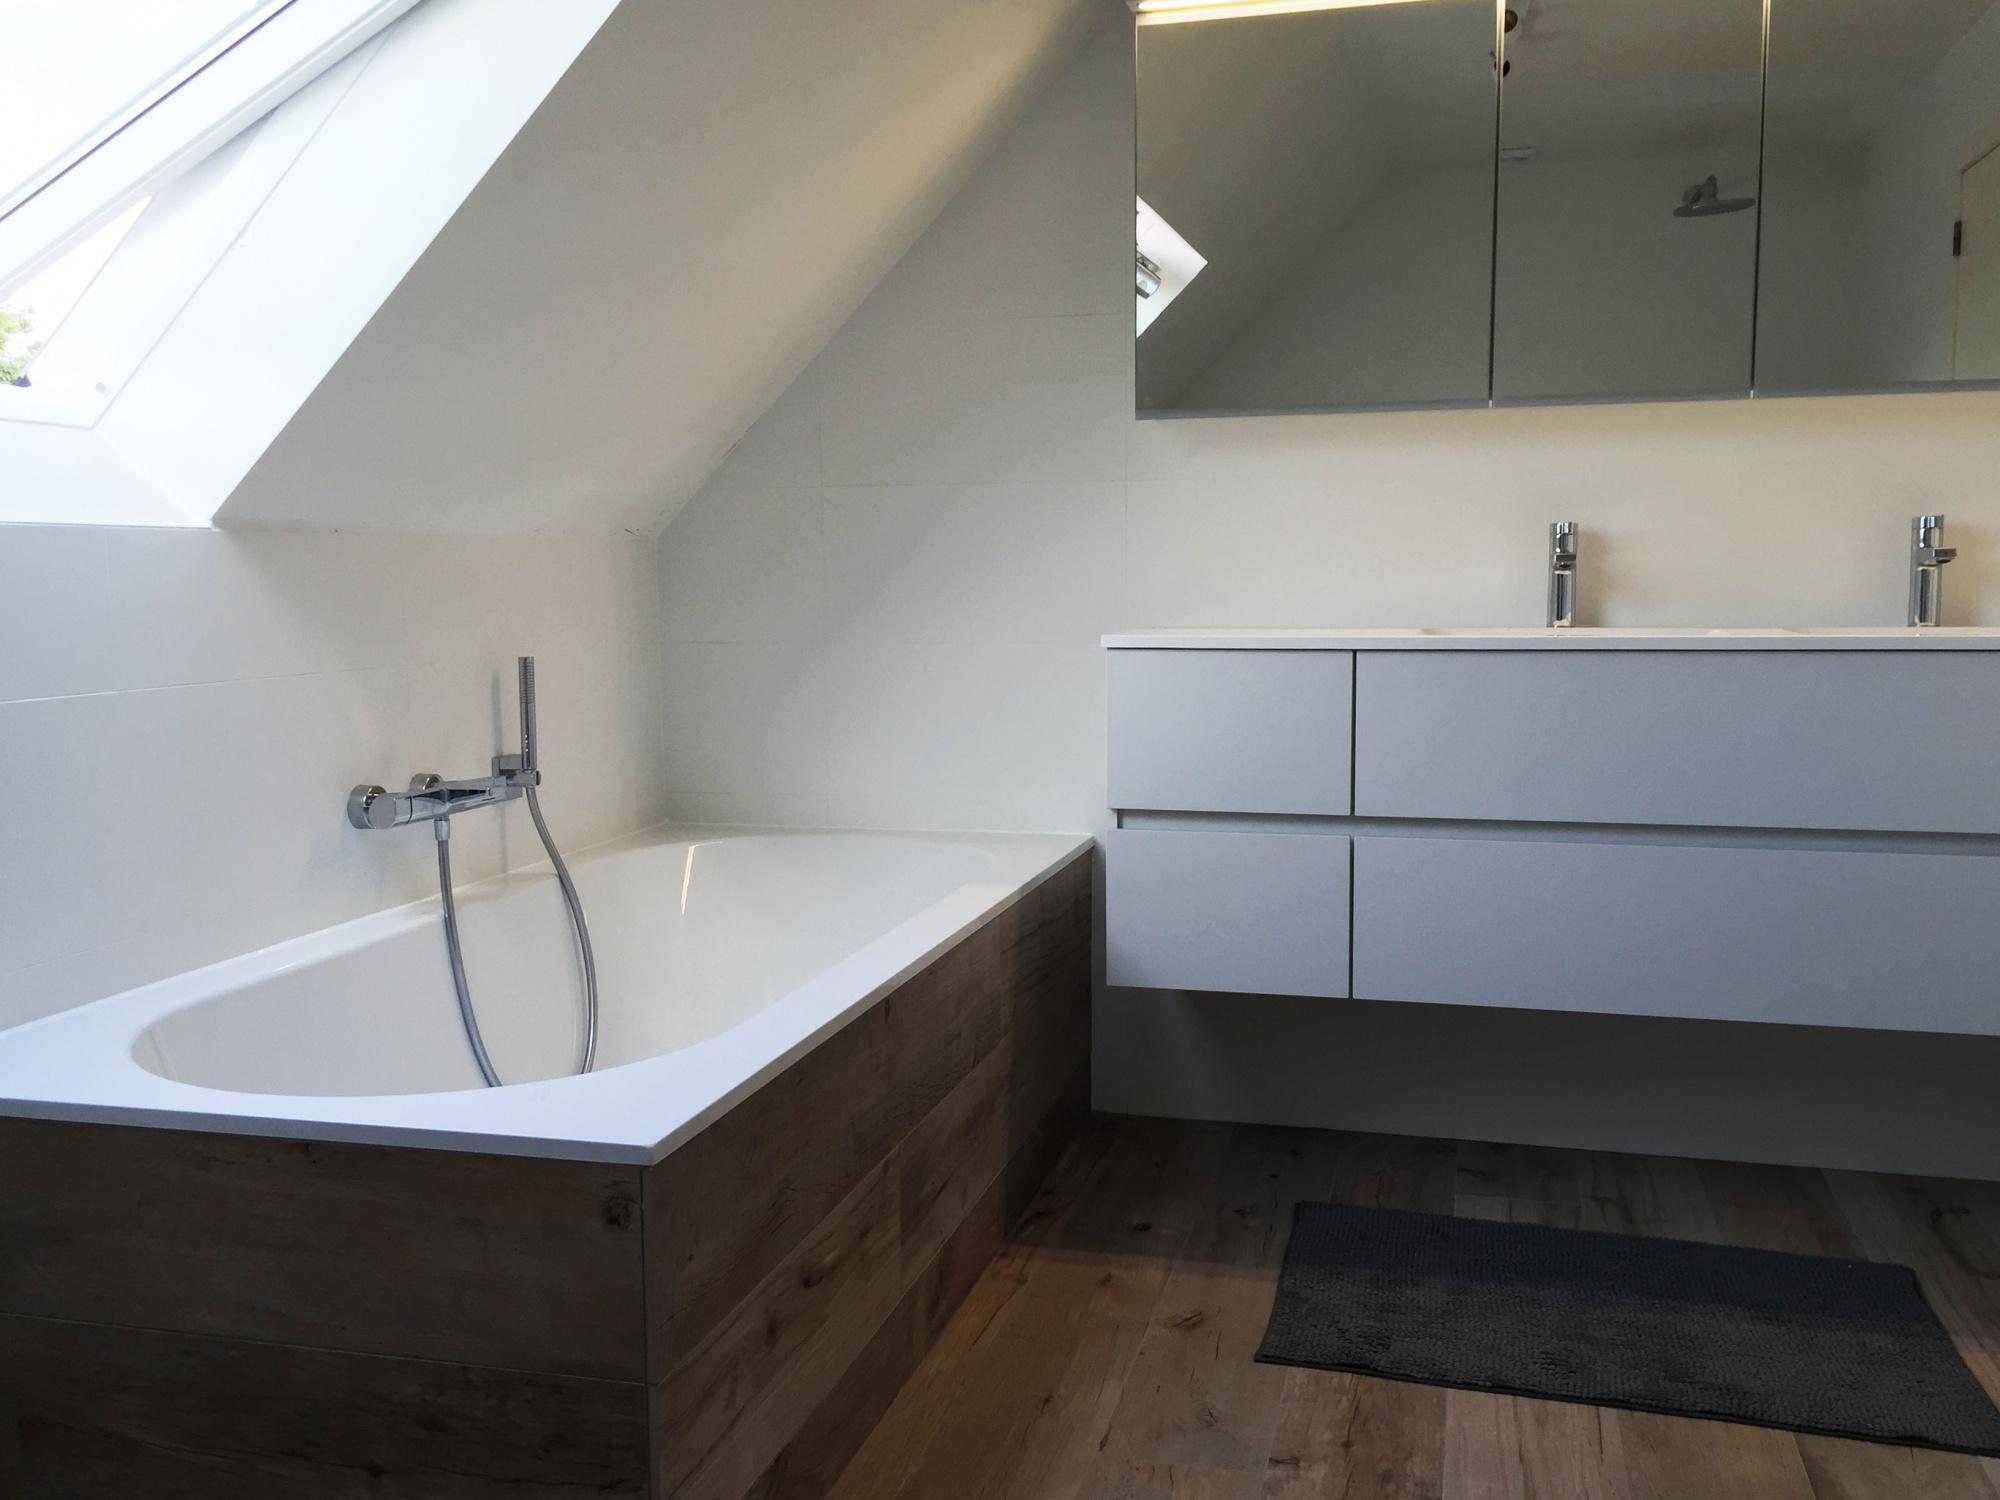 Badkamer Schuin Dak : Verwarming sanitair badkamers installatiebedrijf van den berg